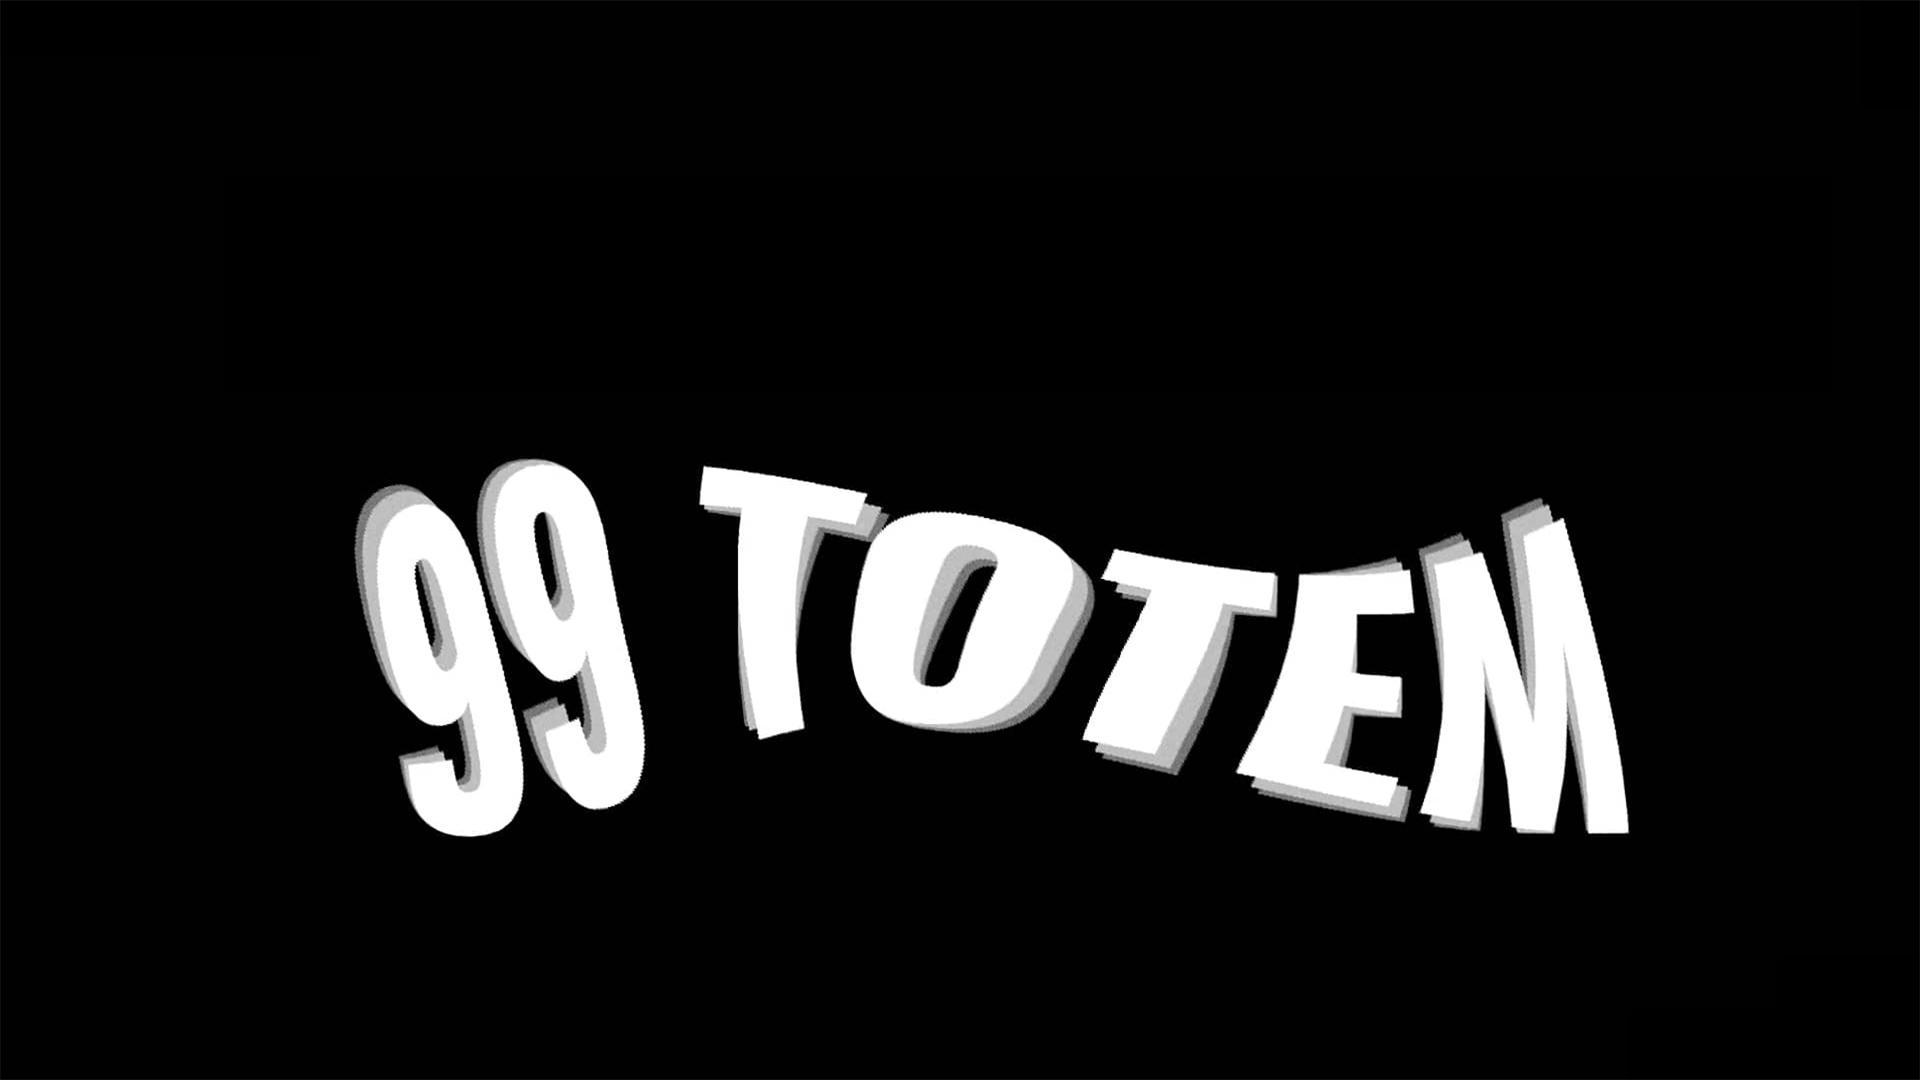 99 Totem